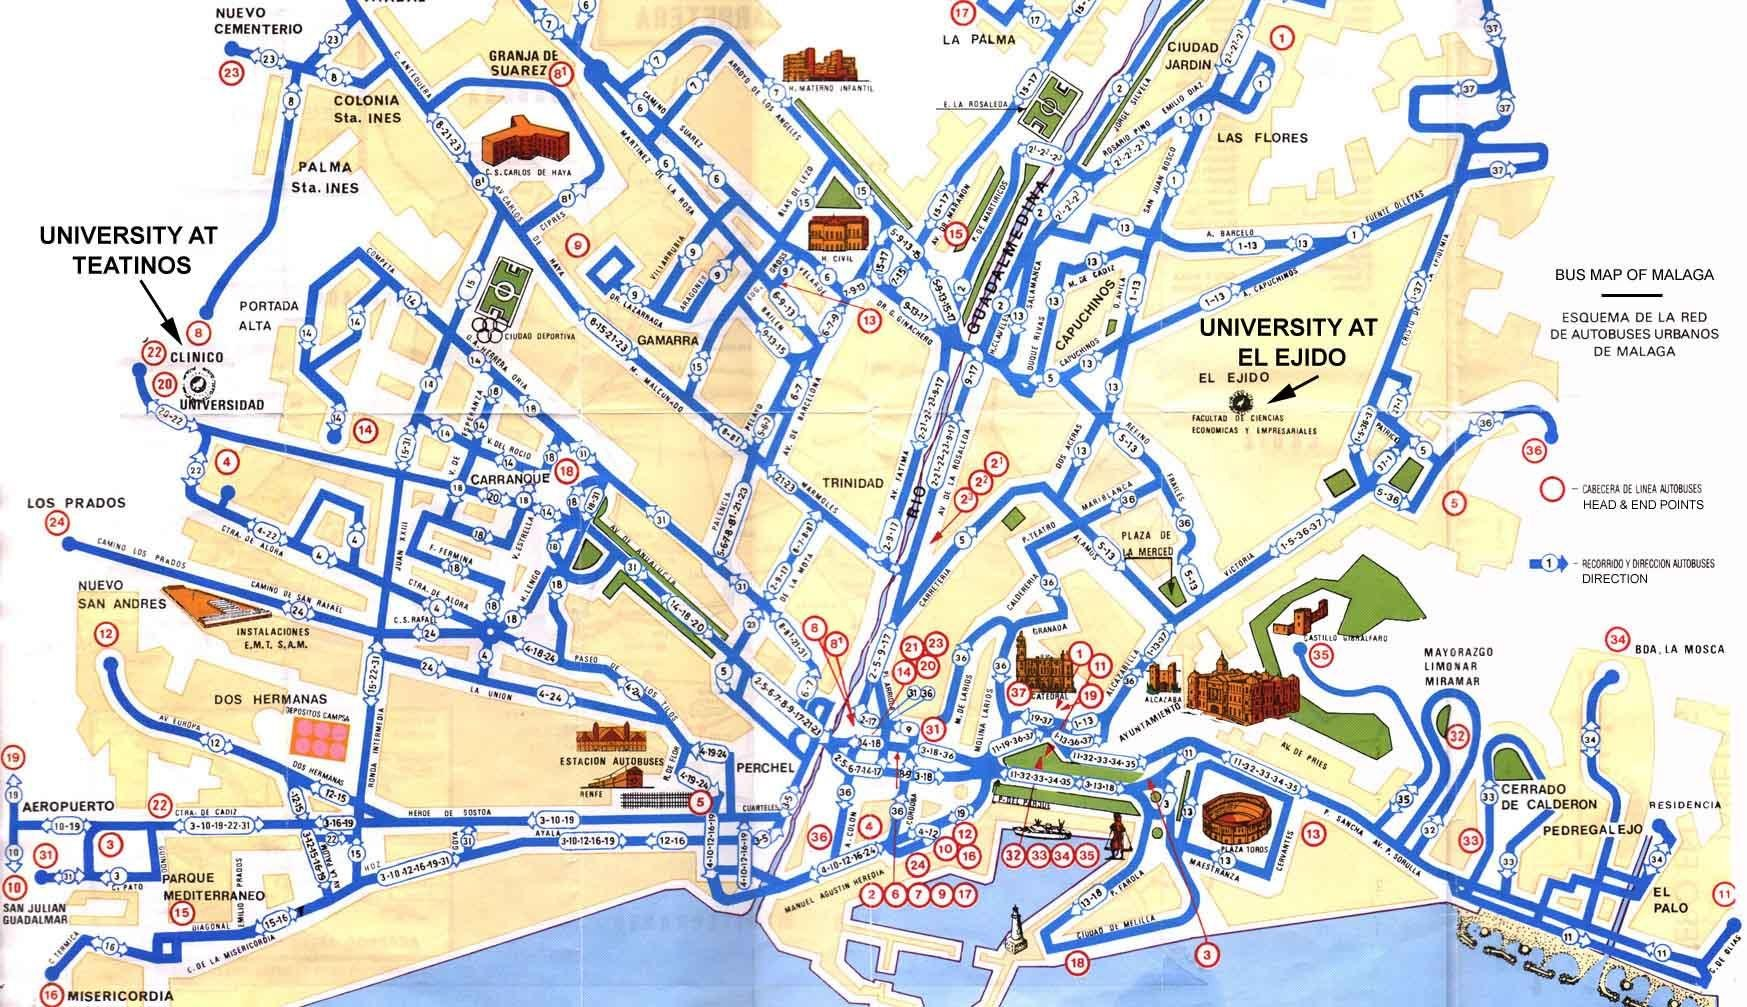 malaga térkép központ, belváros utca térkép   Szállás és látnivaló, nyaralás és  malaga térkép